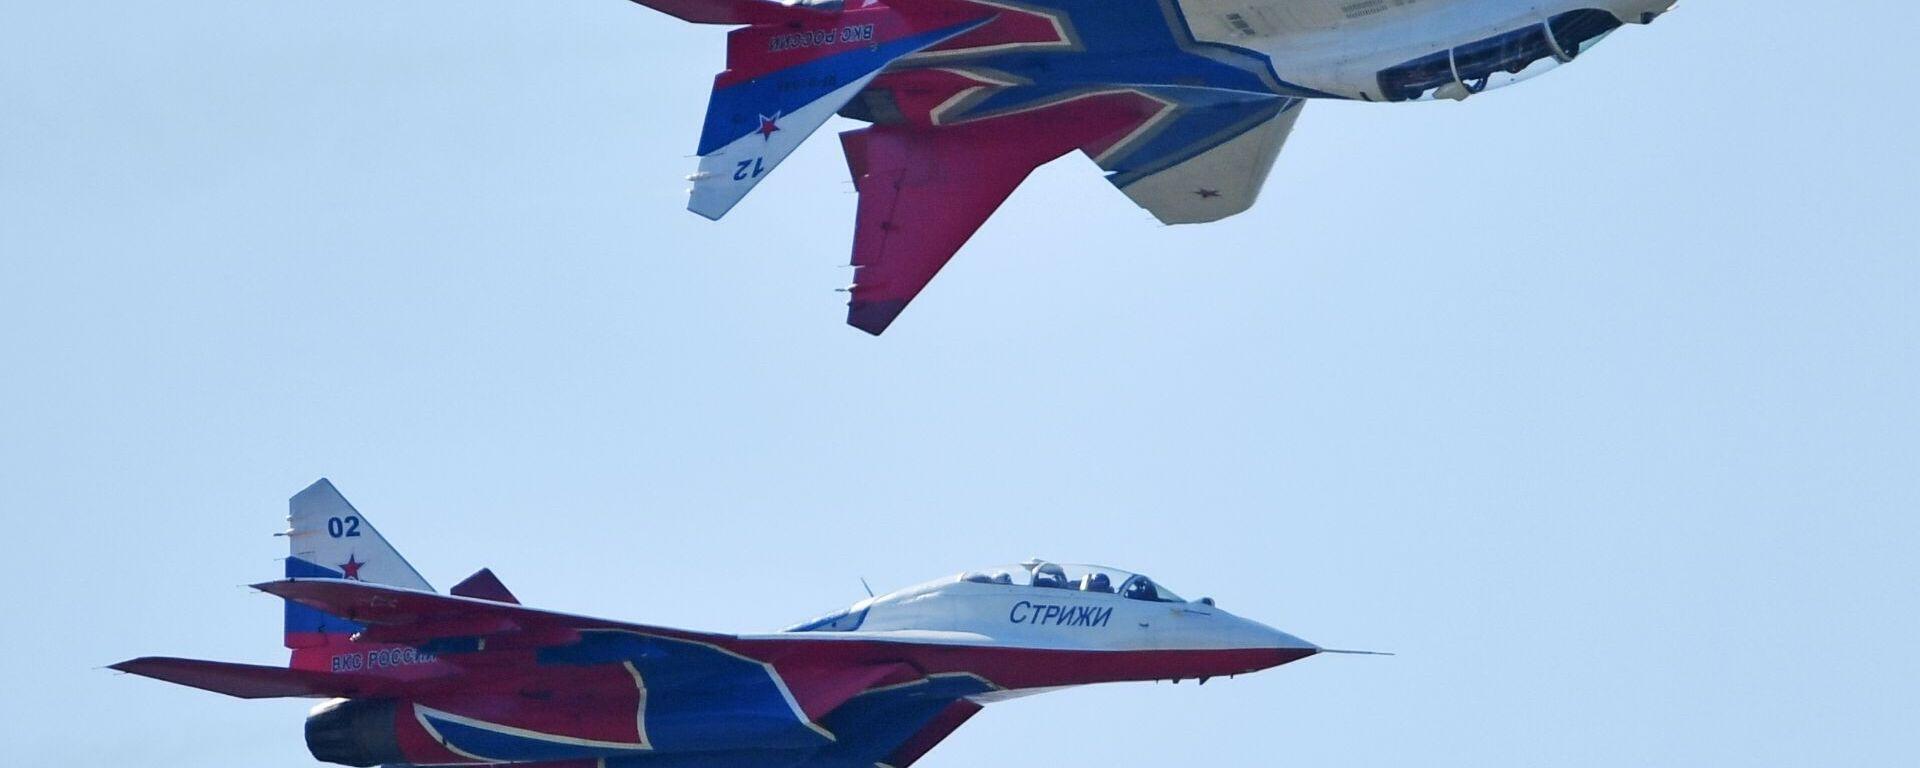 Los MiG-29 del grupo de demostración acrobática Strizhí de la Fuerza Aérea de Rusia - Sputnik Mundo, 1920, 04.03.2020